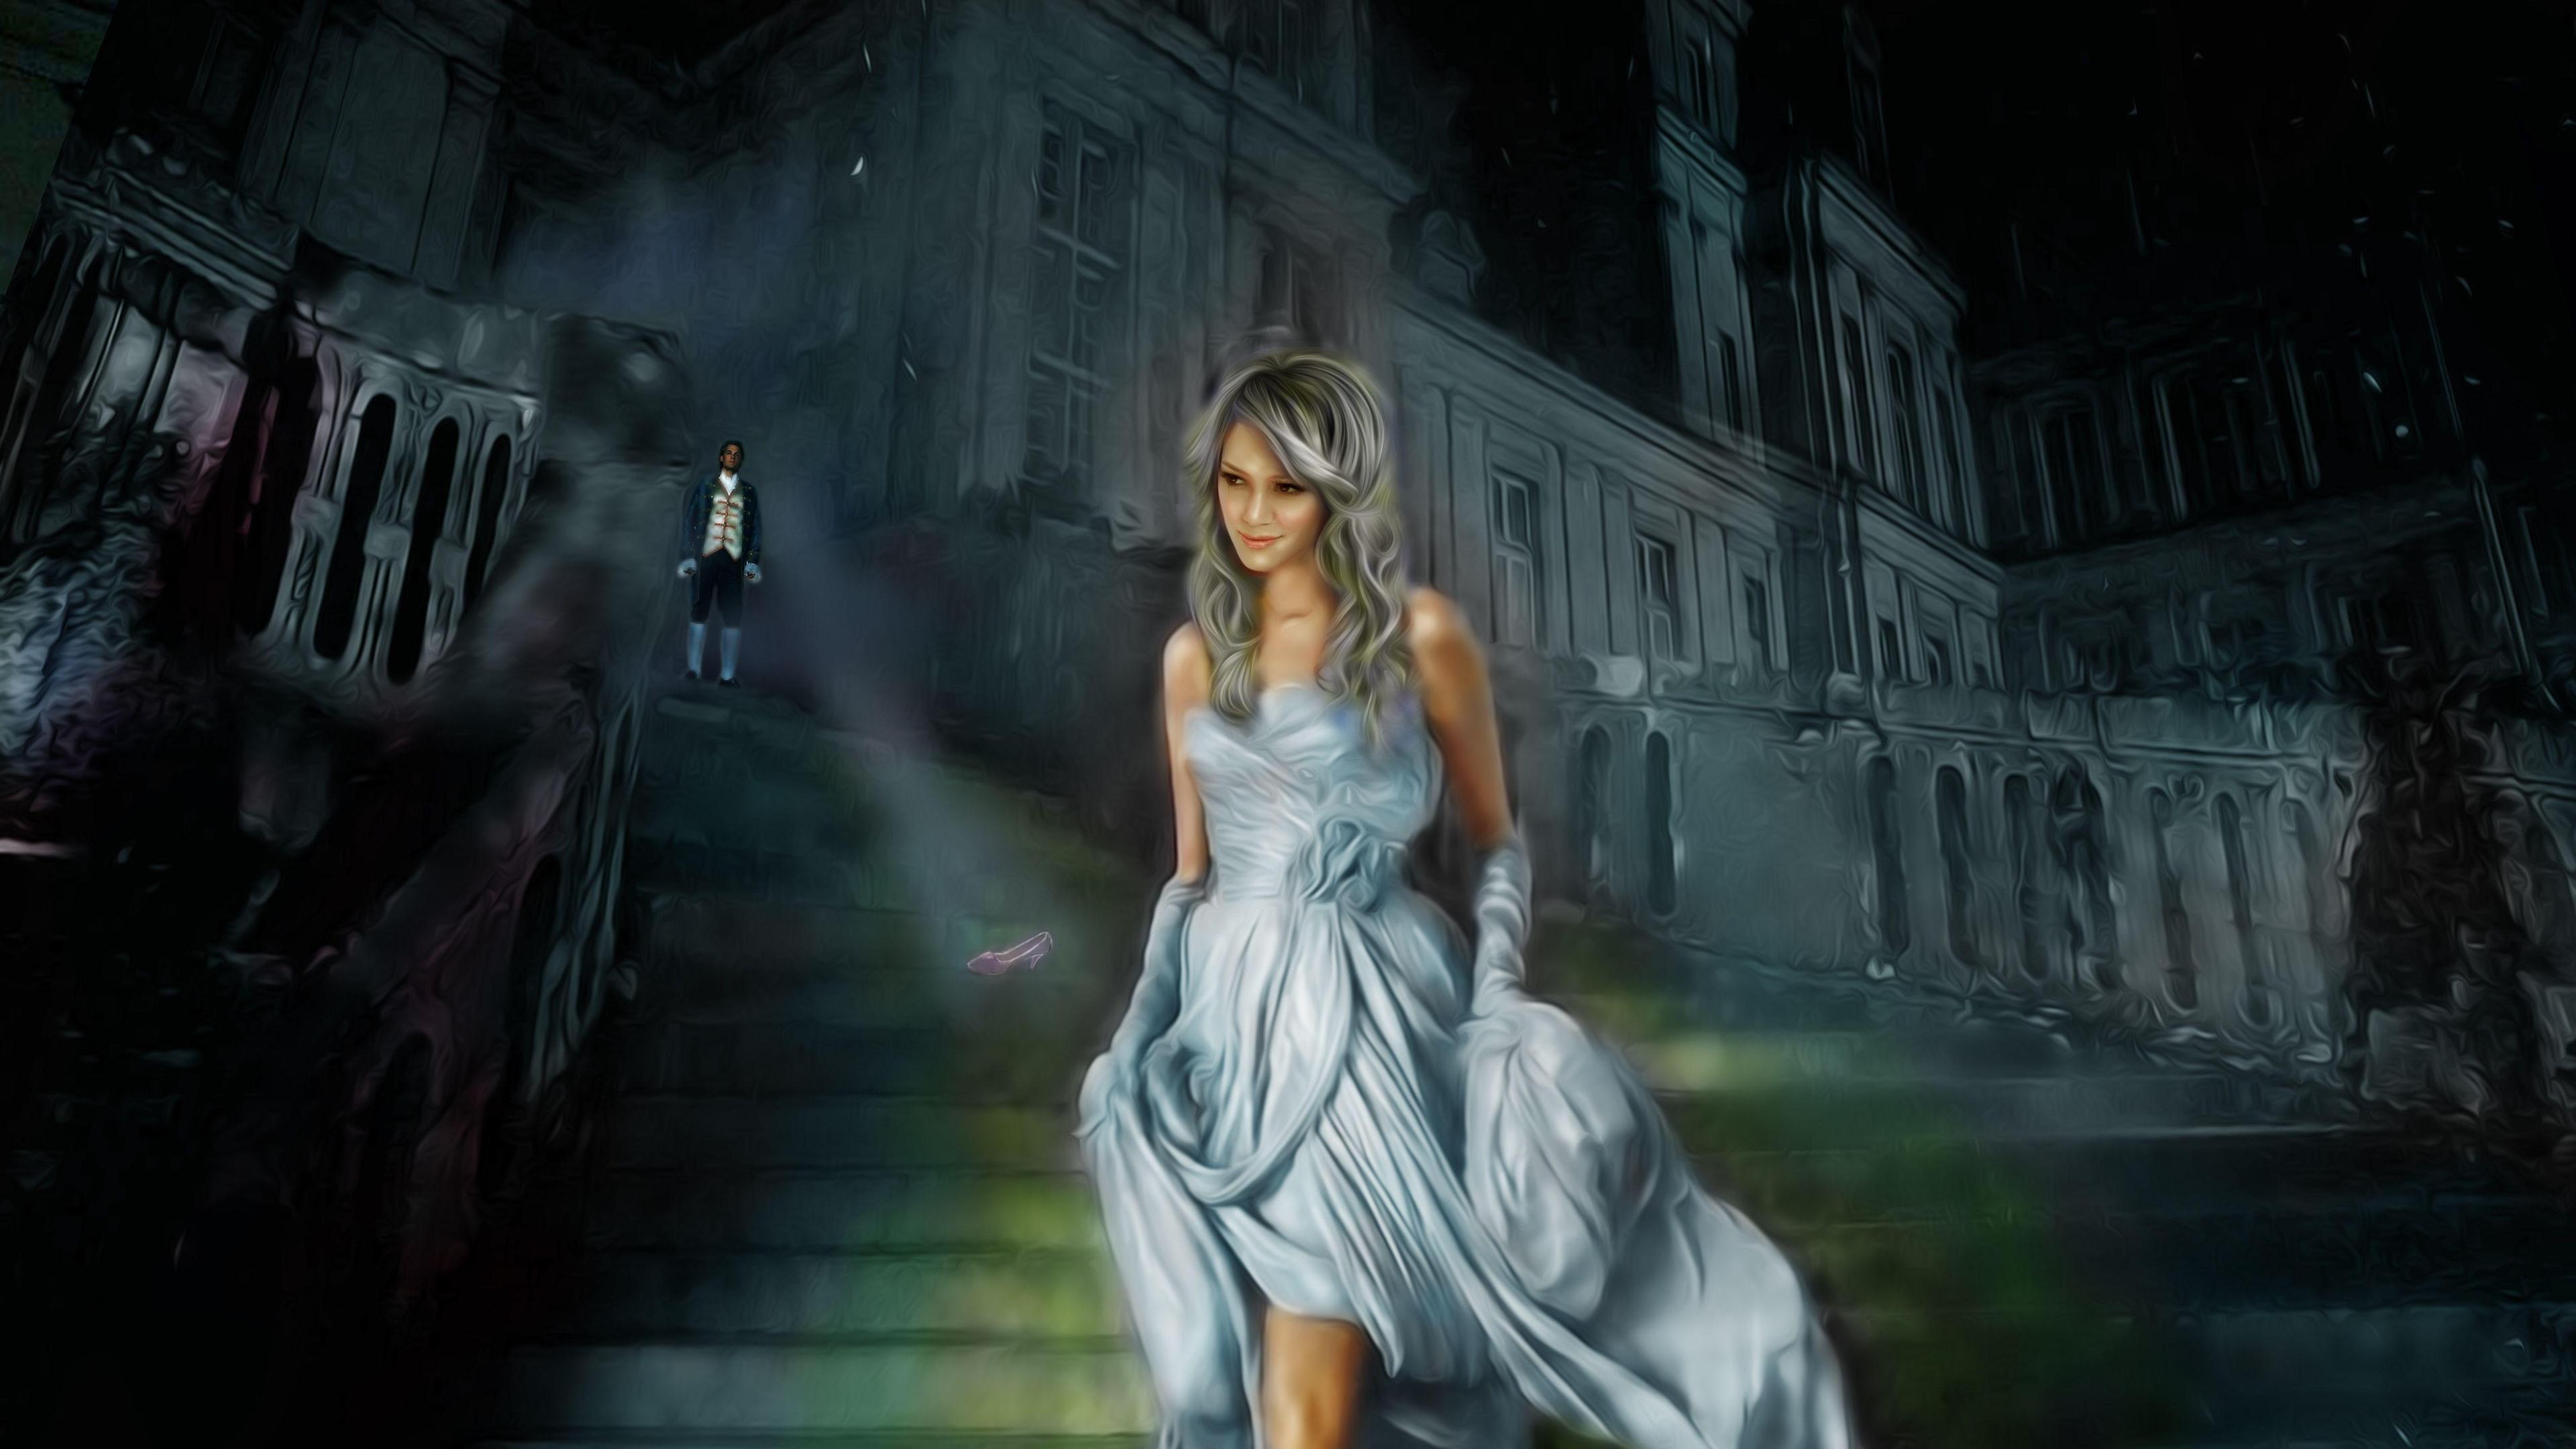 壁紙 シンデレラ 笑顔の女の子 スカート はしご アート画像